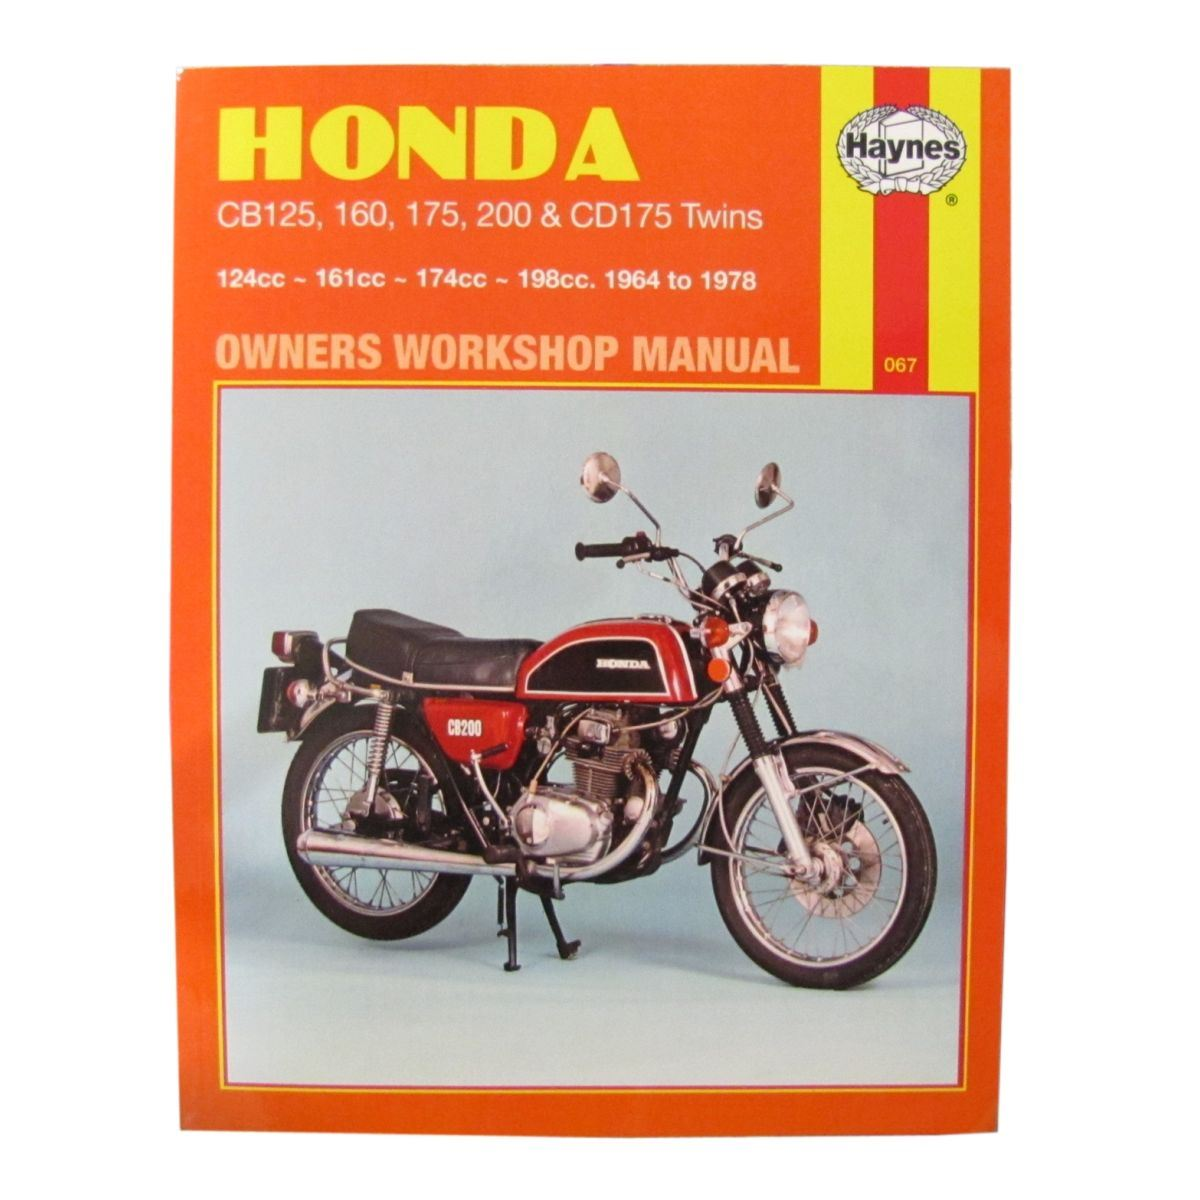 Owner & Operator Manuals Twin Manual Haynes for 1978 Honda CD 175 ...